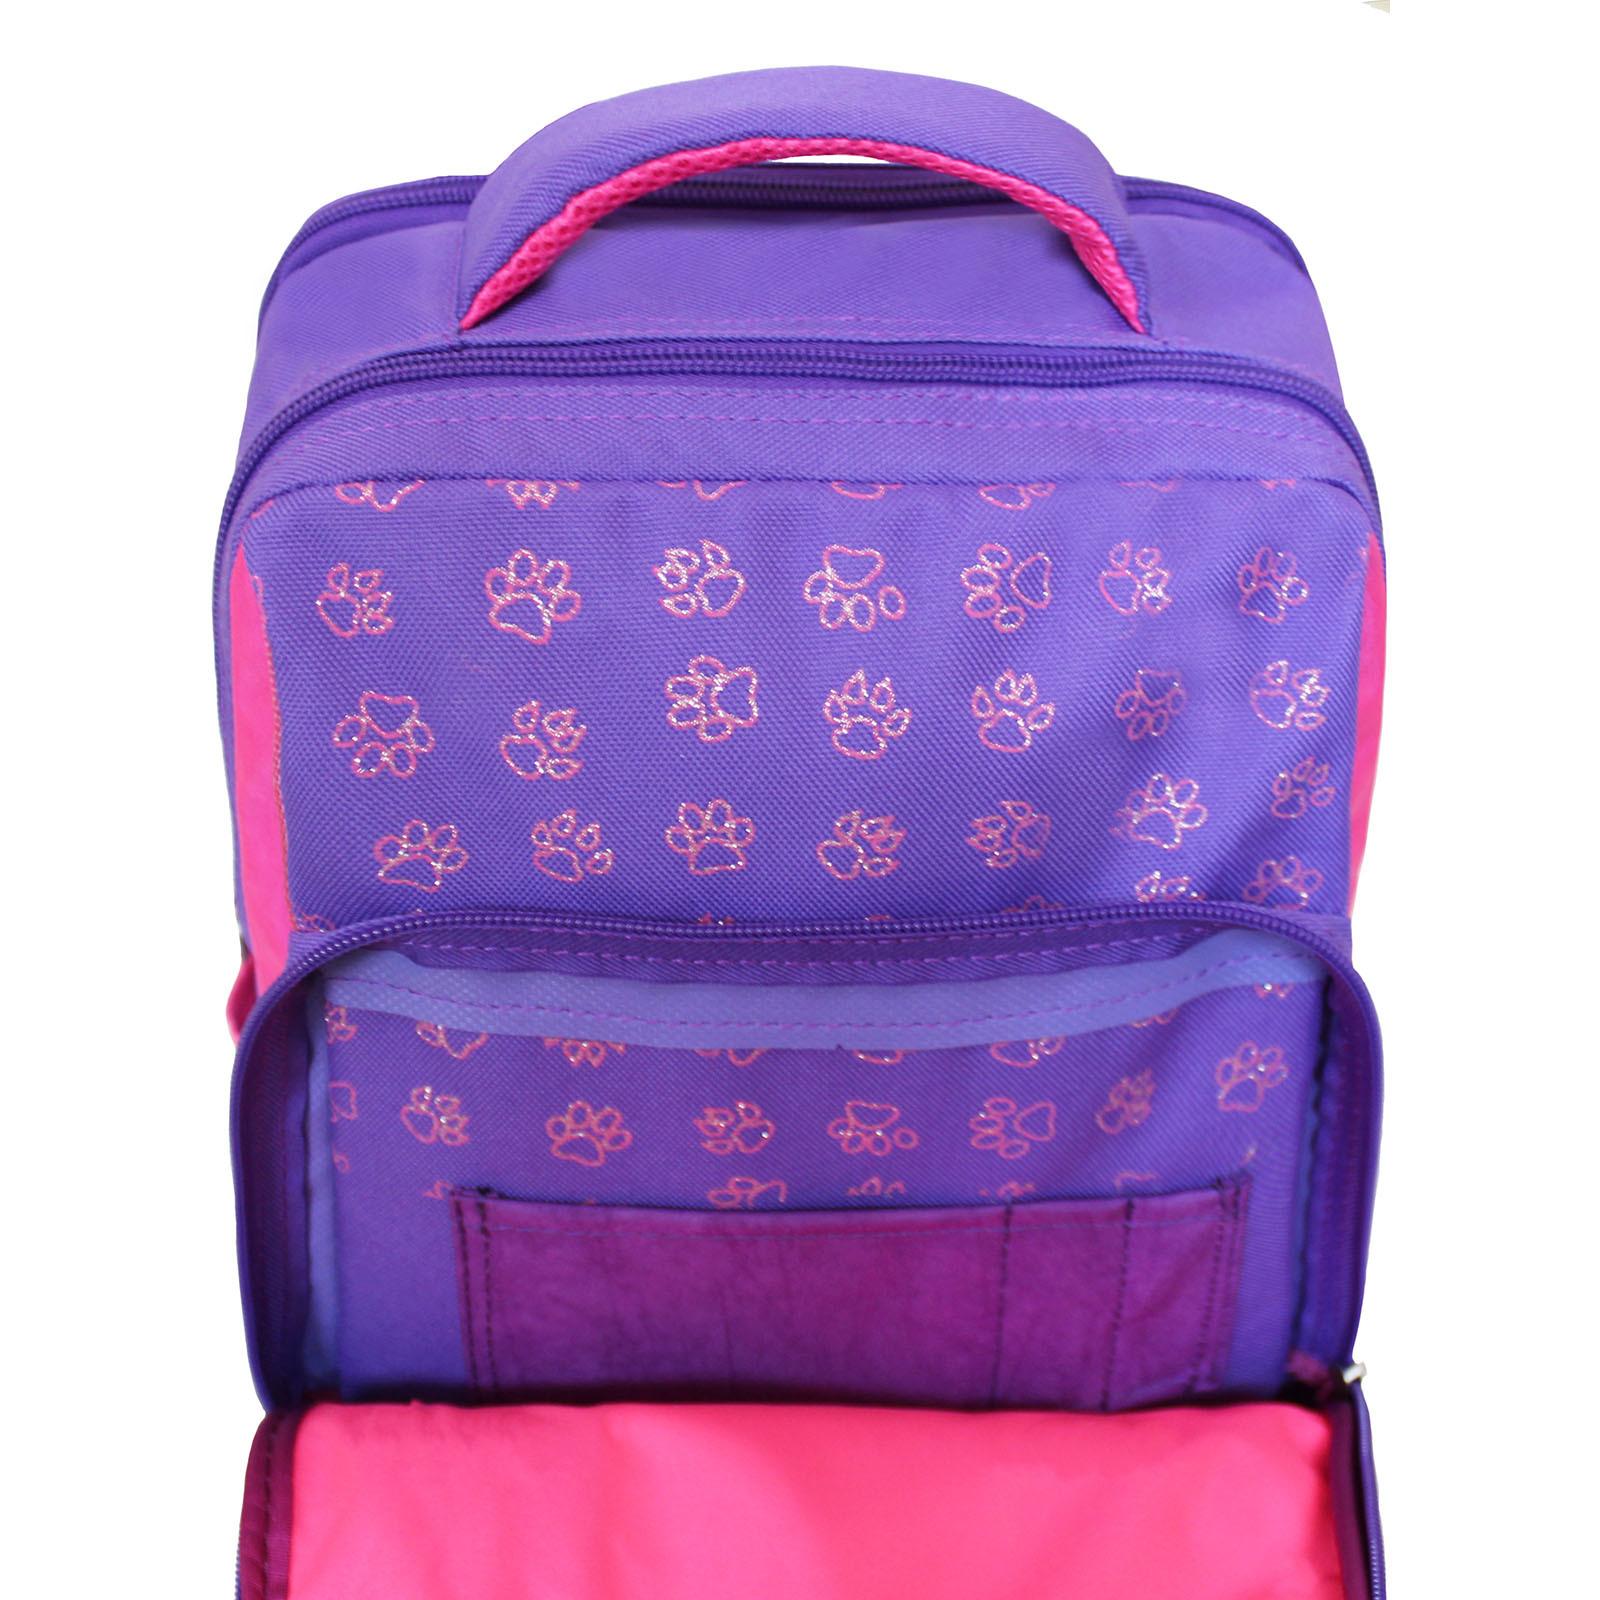 997f7780f9ad Школьный рюкзак для учеников 1-3 классов. Легкий, удобный, вместительный,  функциональный в использовании. На рюкзаке есть передний большой карман, в  который ...